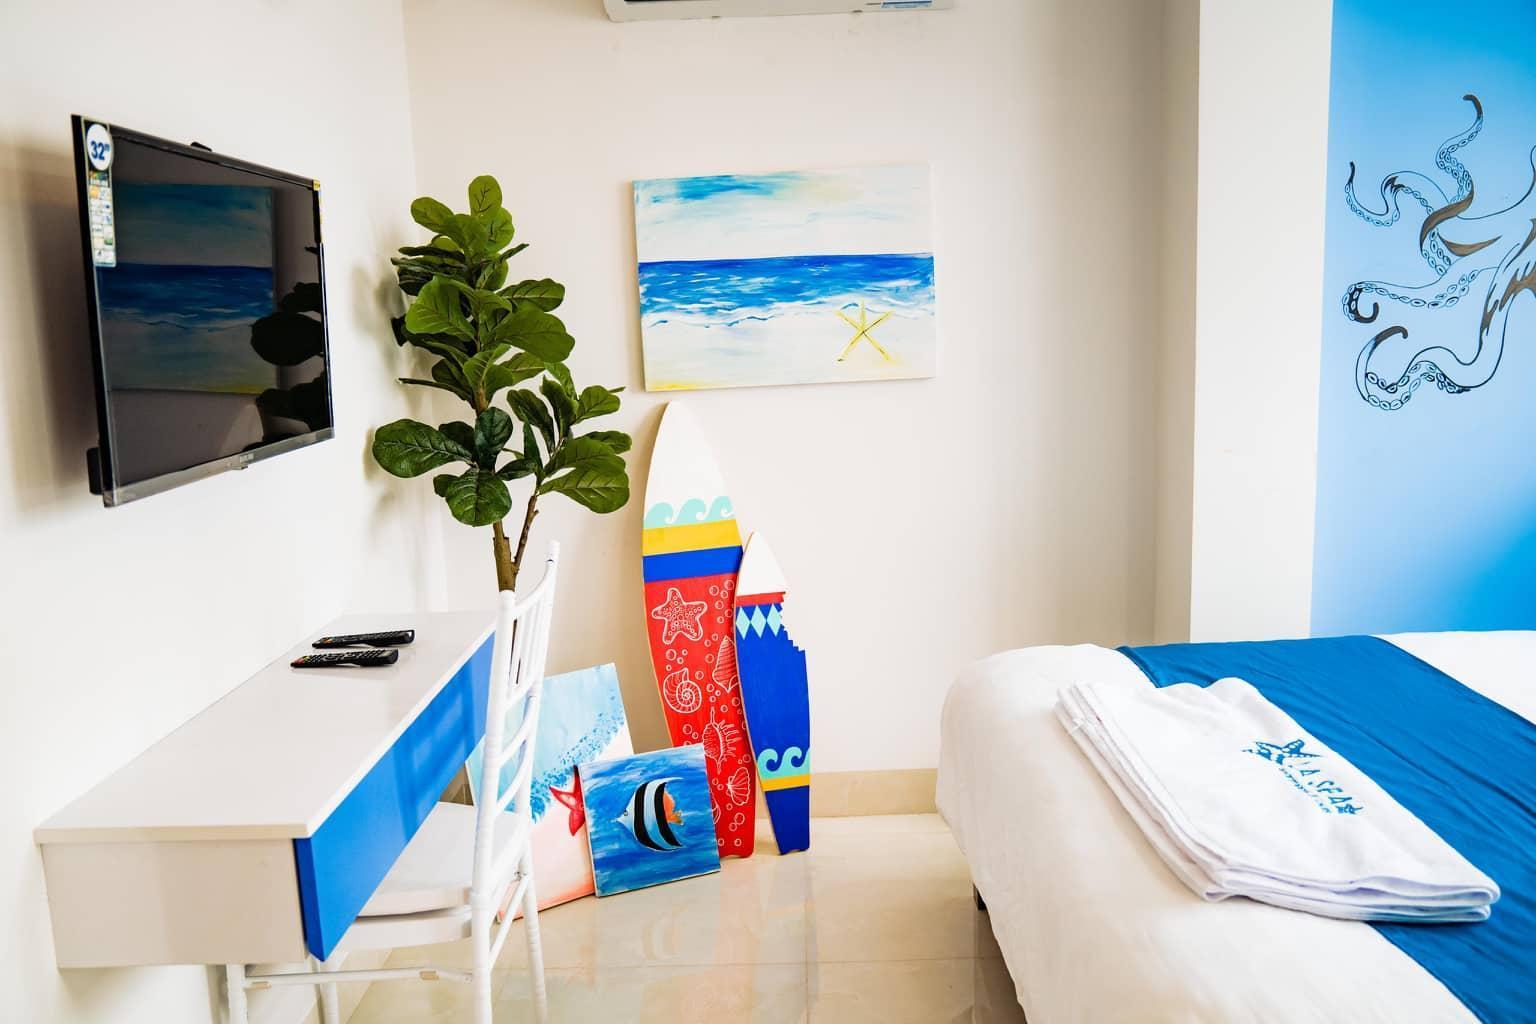 La Sea Apartments & Tours